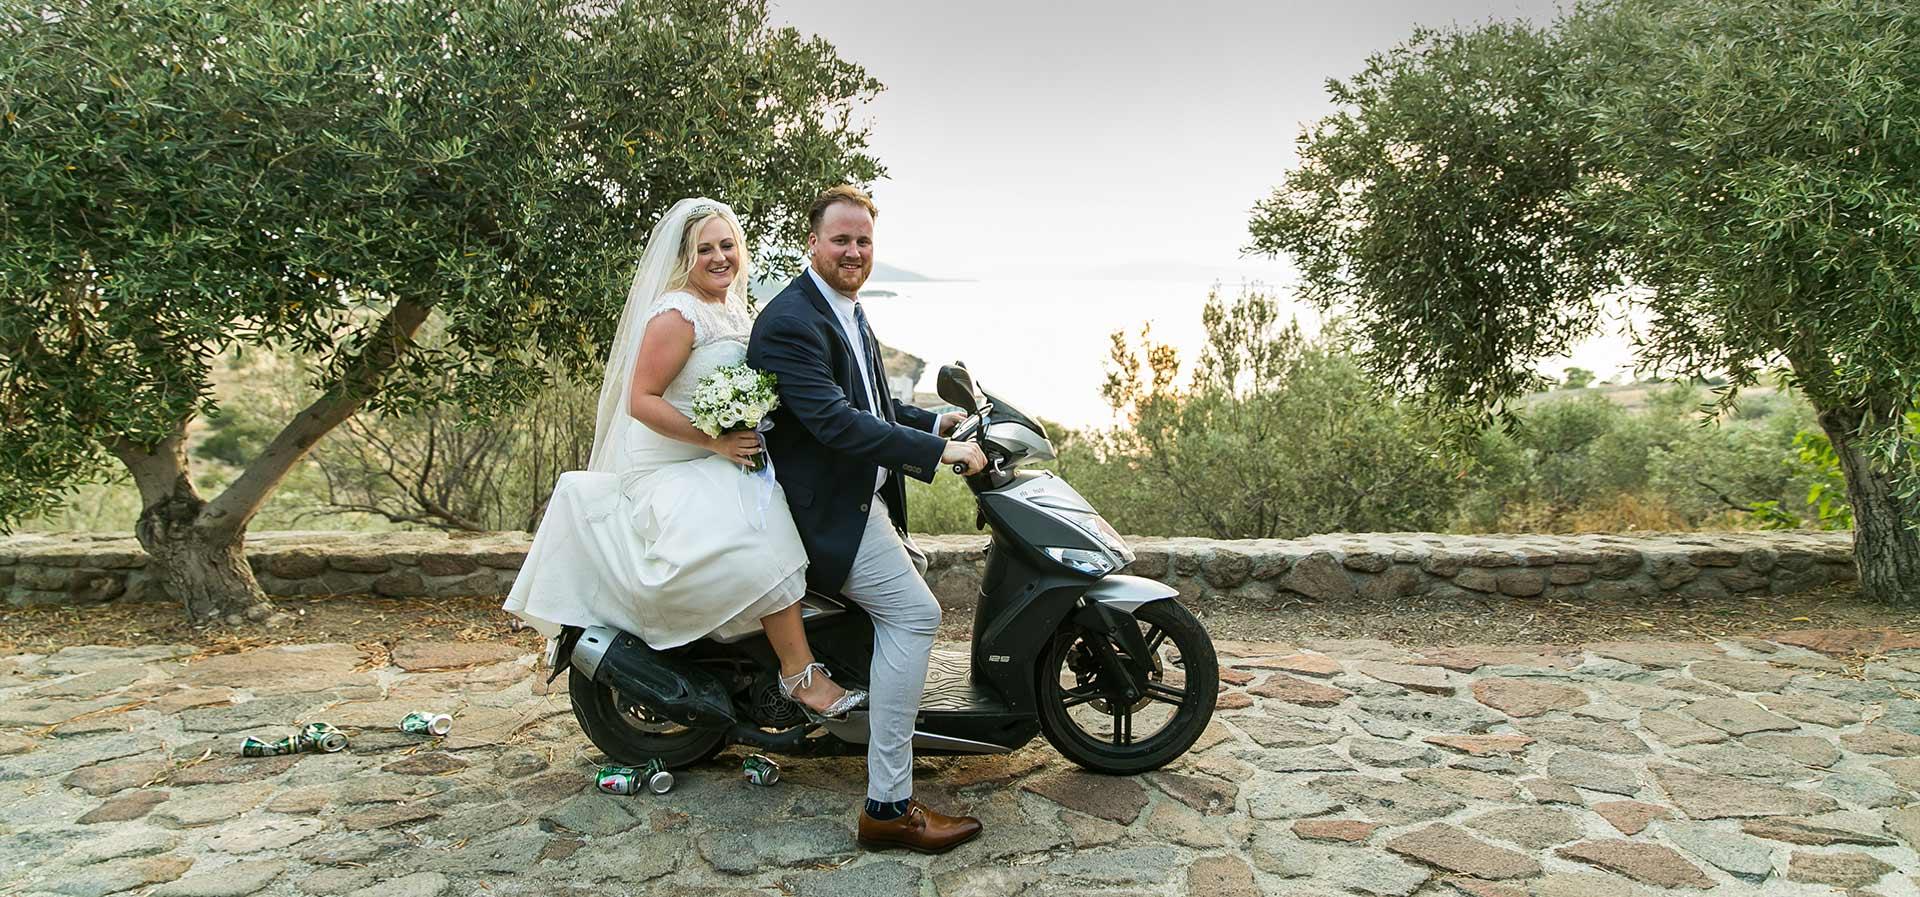 Πως μπορούμε να ξεχωρίσουμε την καλή φωτογραφία γάμου;